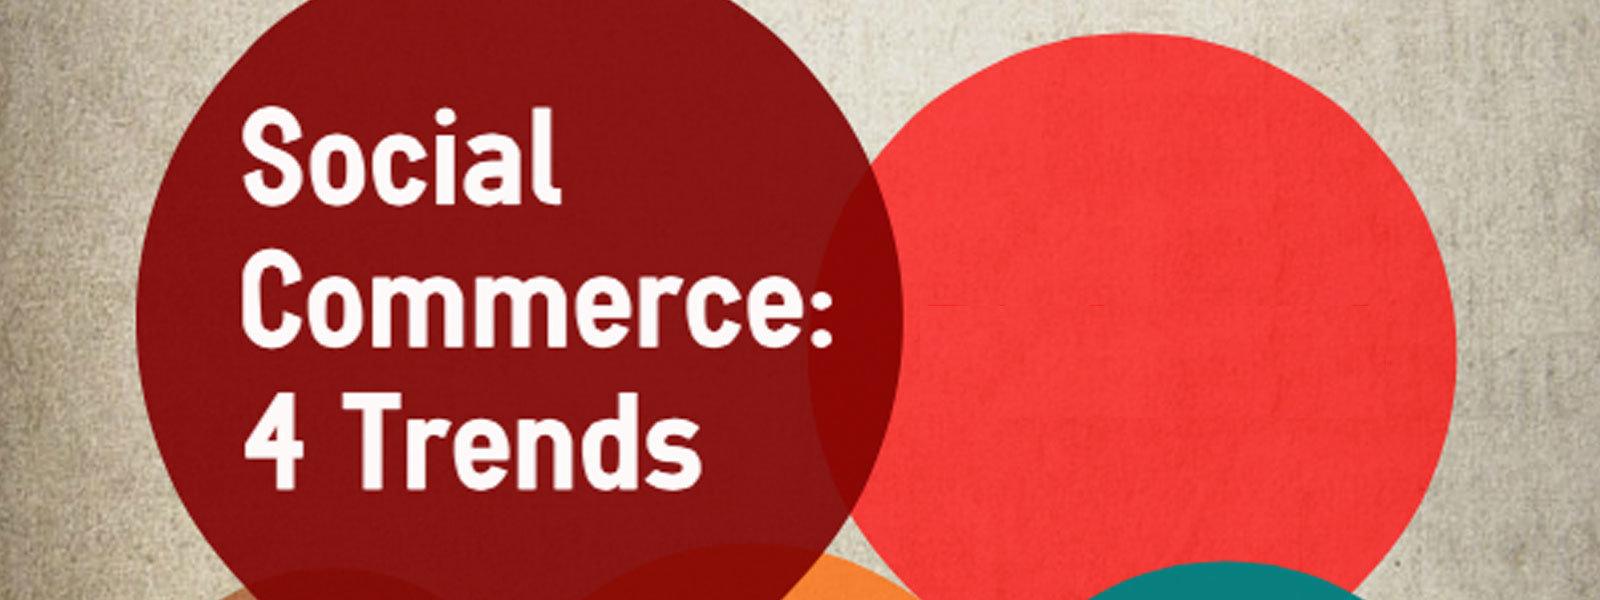 Vier trends van Social Commerce